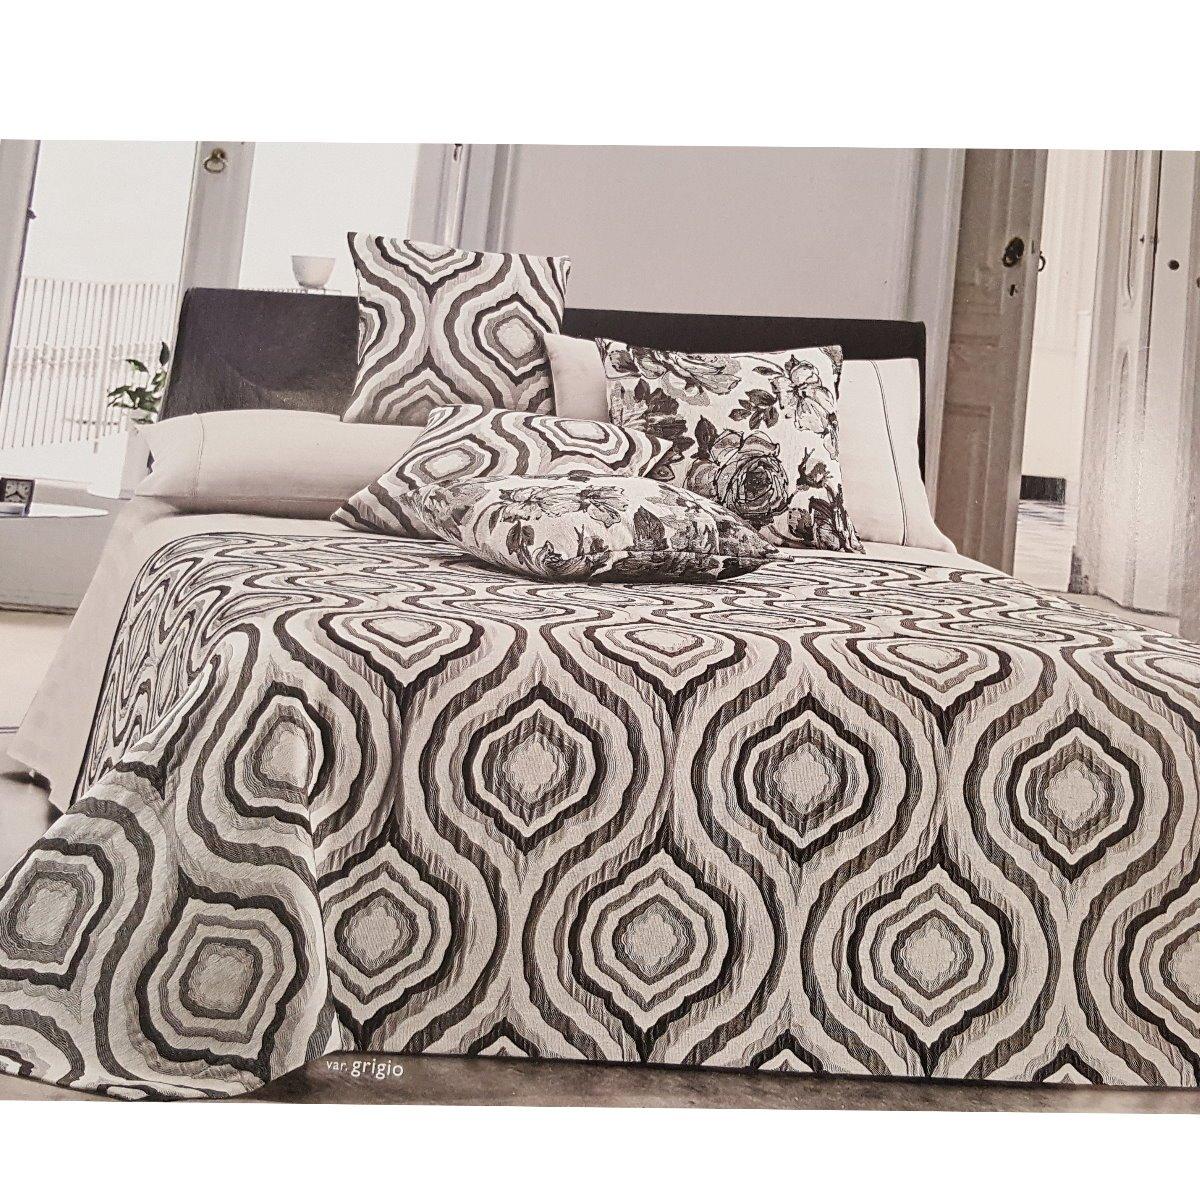 Vendita di biancheria da letto copriletti di marca gf ferrari - Migliore marca di piumini da letto ...